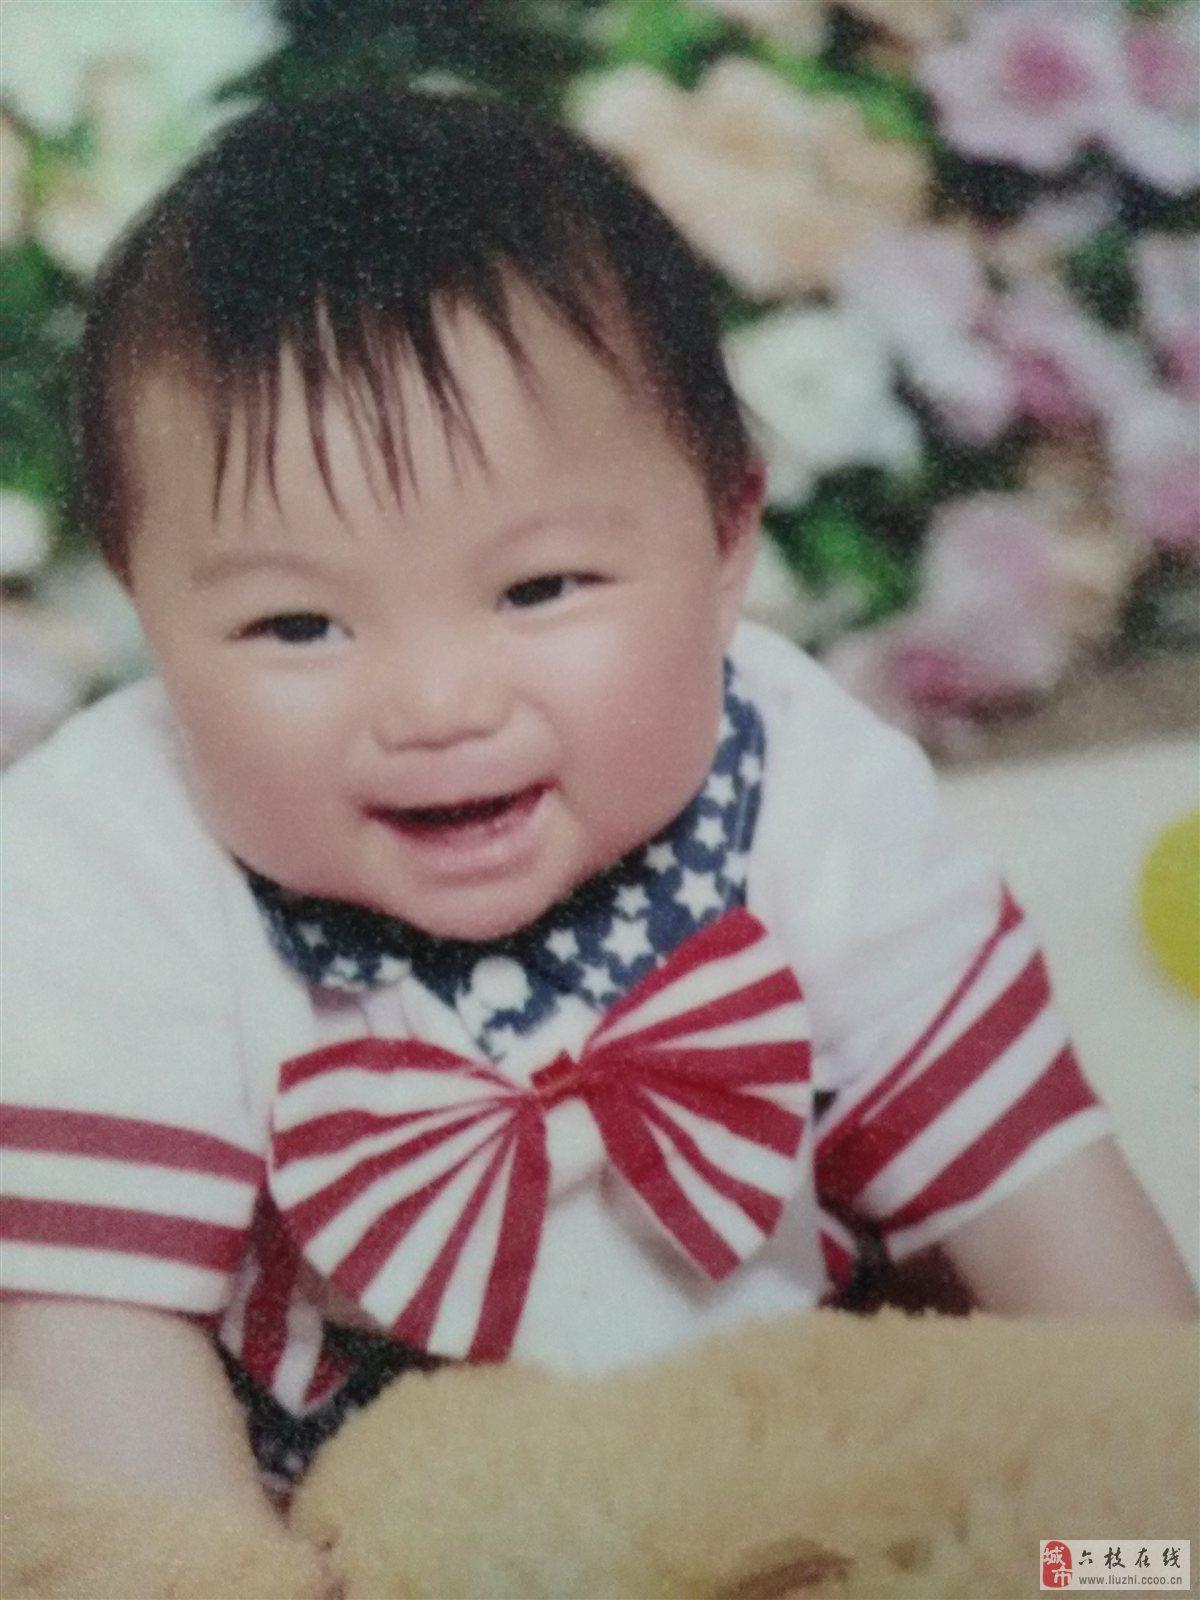 六枝微封面第八期No.1【萌宝秀场】王晨俊逸 男宝 2014-08-23出生